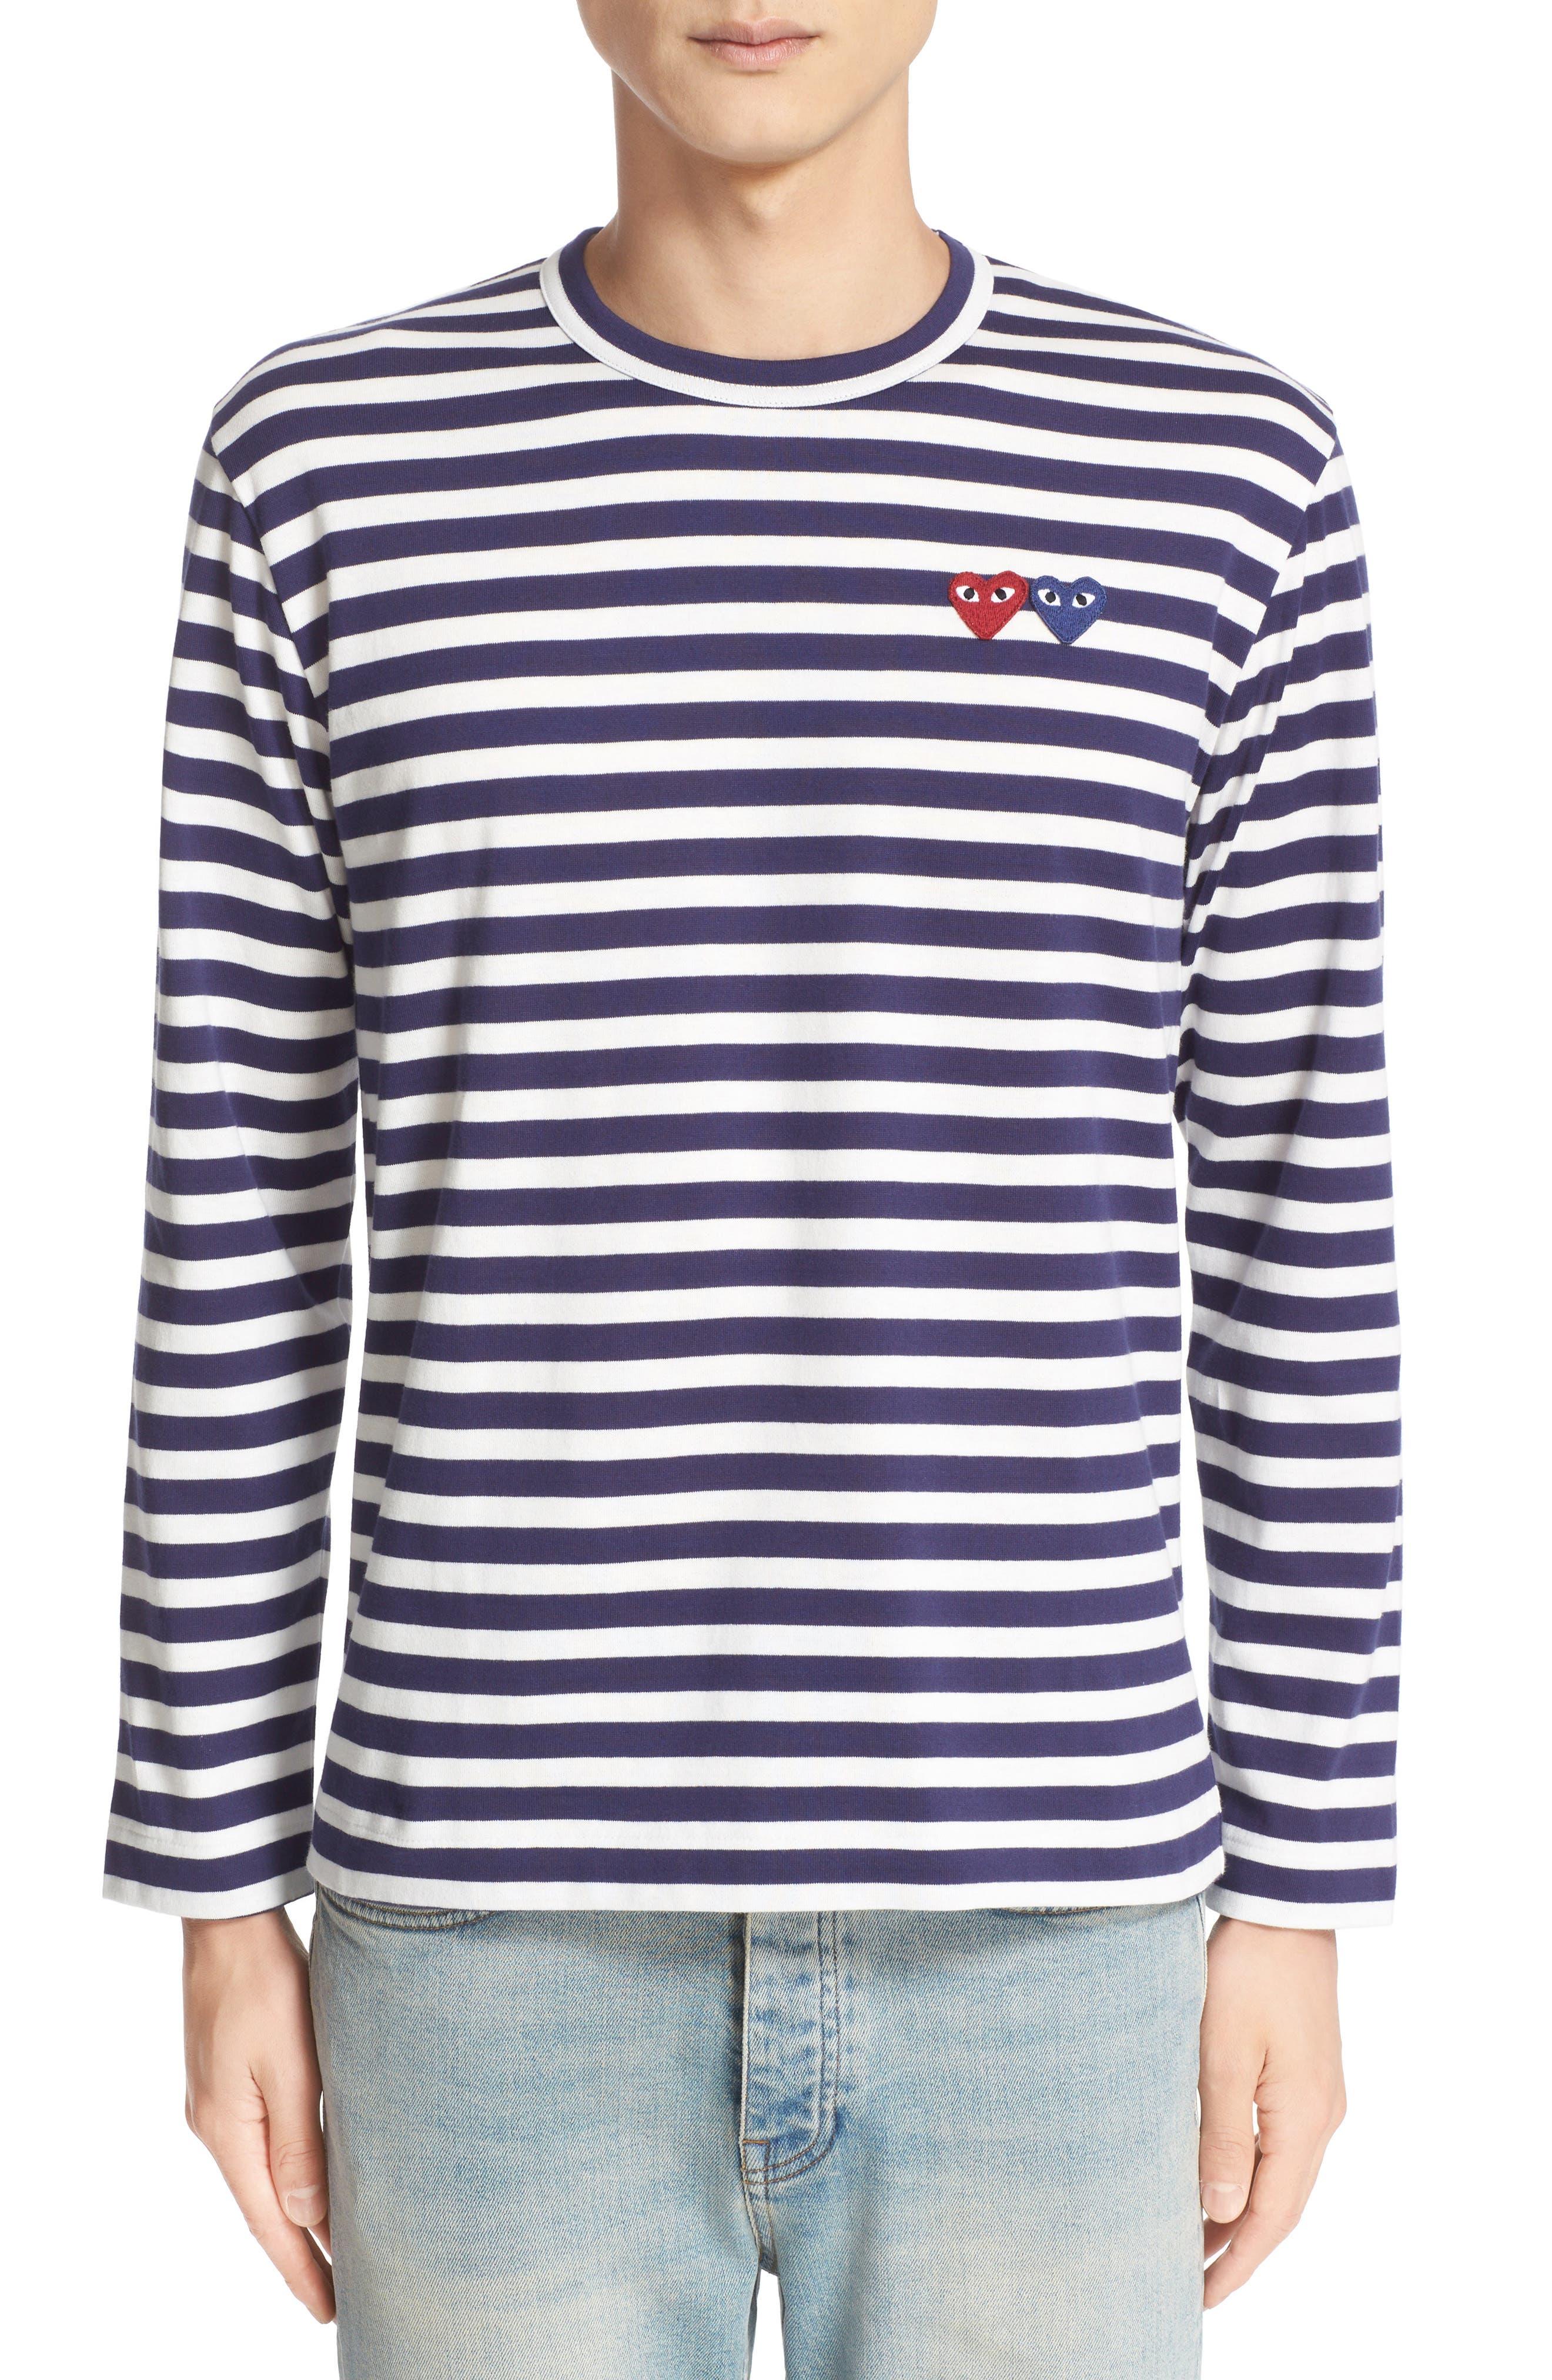 Comme des Garçons Play Twin Appliqué Stripe T-Shirt,                             Main thumbnail 1, color,                             Navy/ White